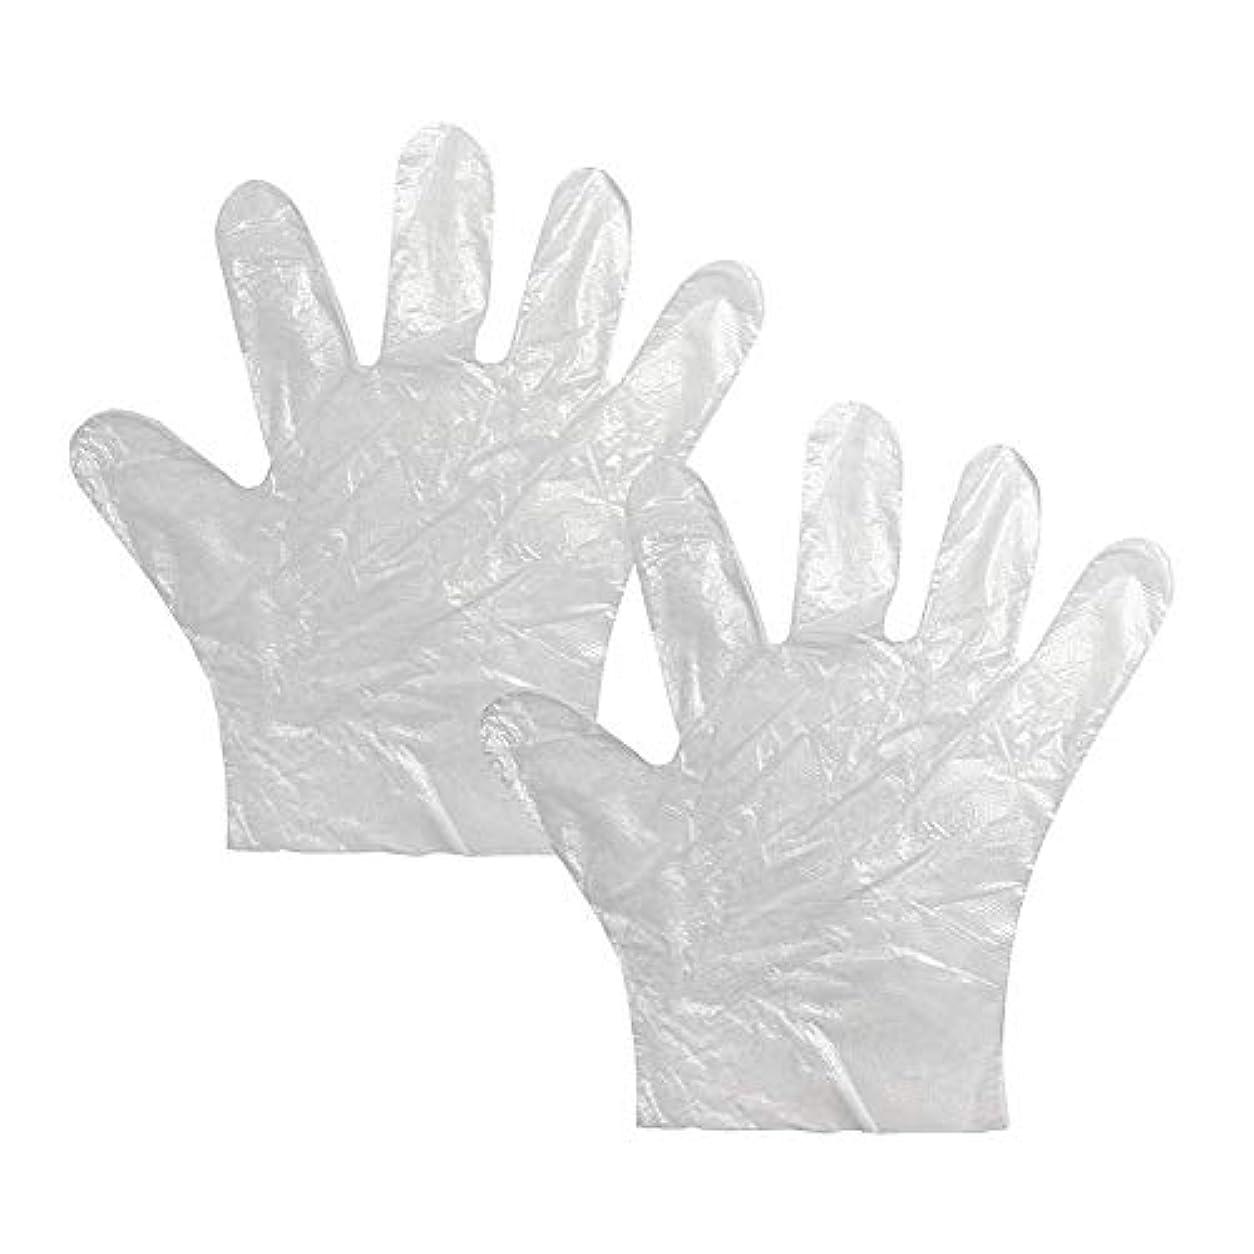 疲れた比類なきナット使い捨て手袋 極薄ビニール手袋 ポリエチレン 透明 実用 衛生 100枚*2セット